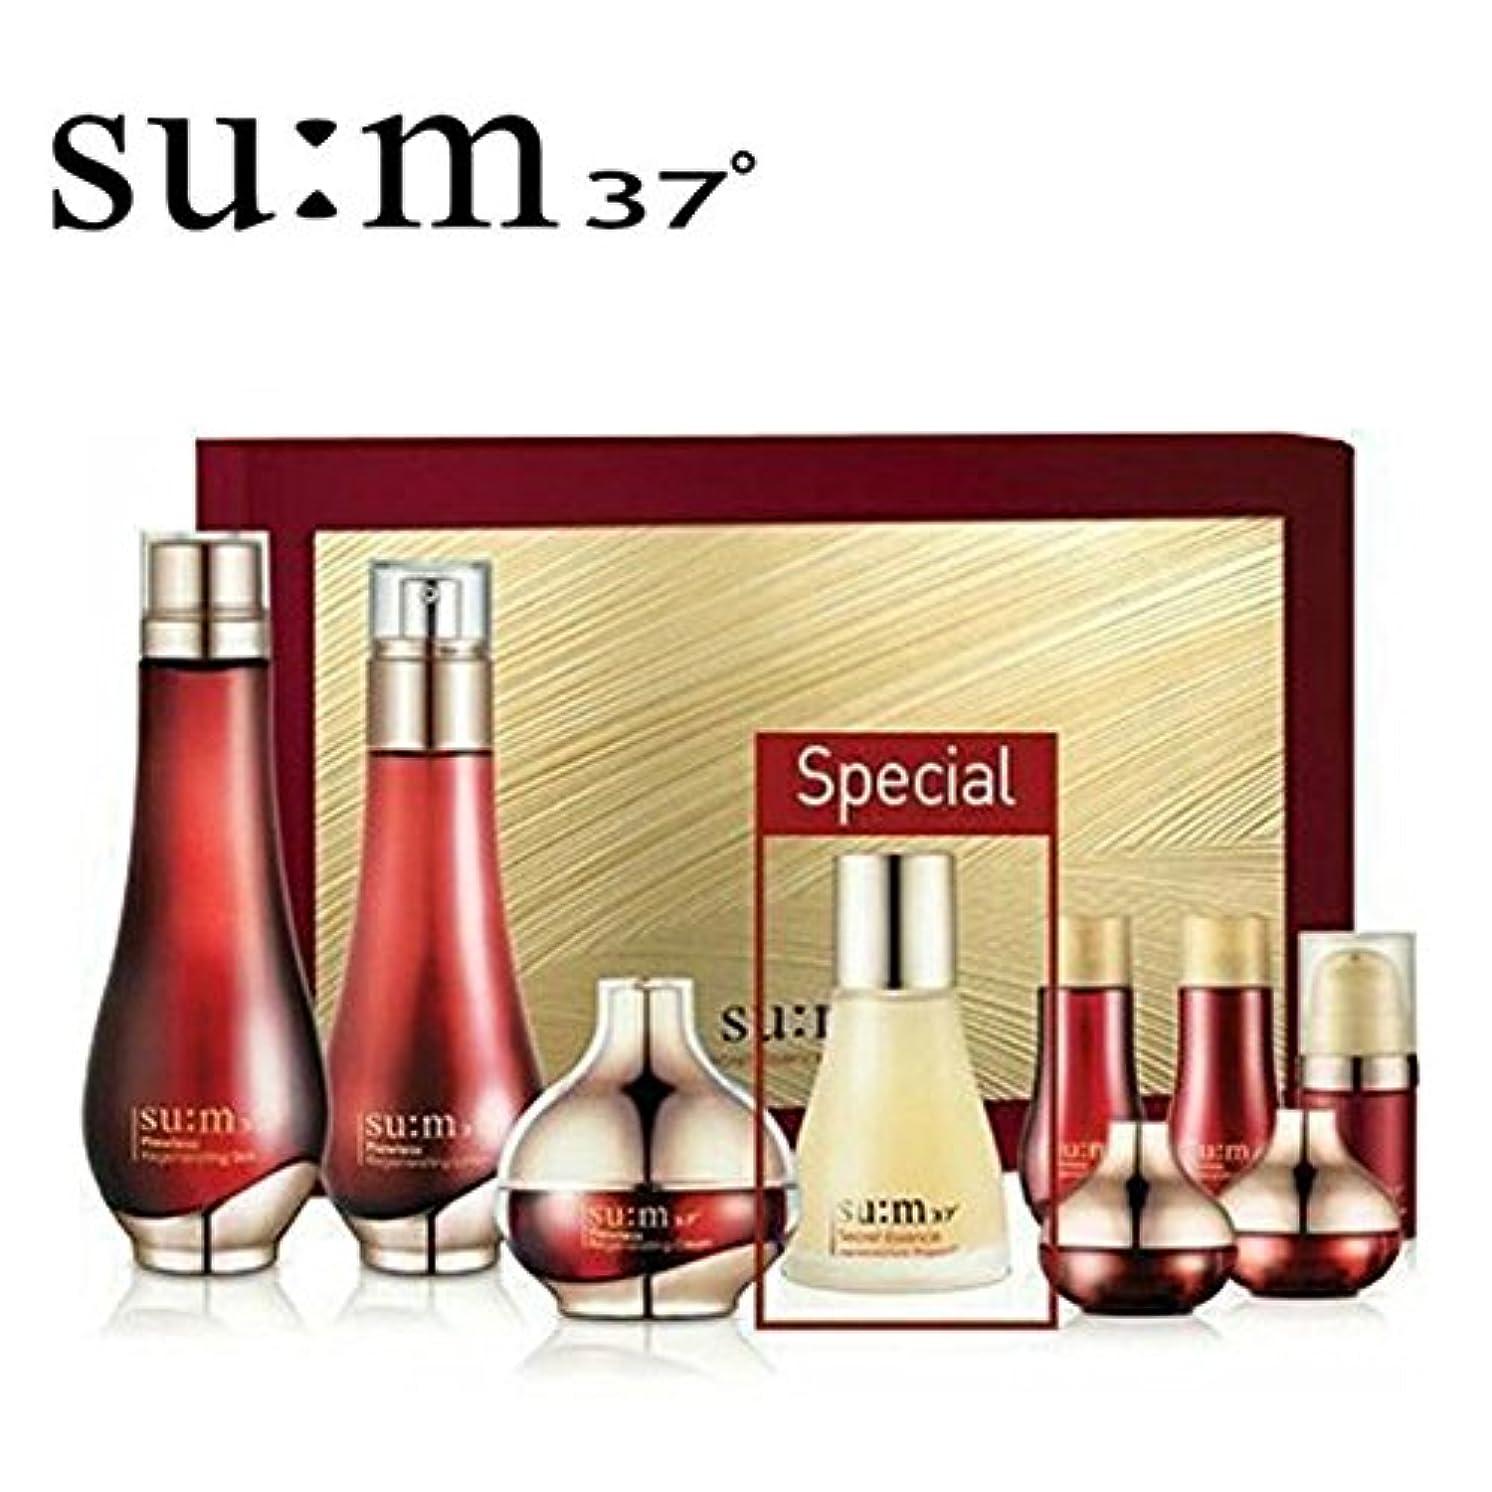 申し立て専門化するプレビスサイト[su:m37/スム37°] SUM37 Flowless Special Set/ sum37 スム37? フローレス 3種 企画セット +[Sample Gift](海外直送品)